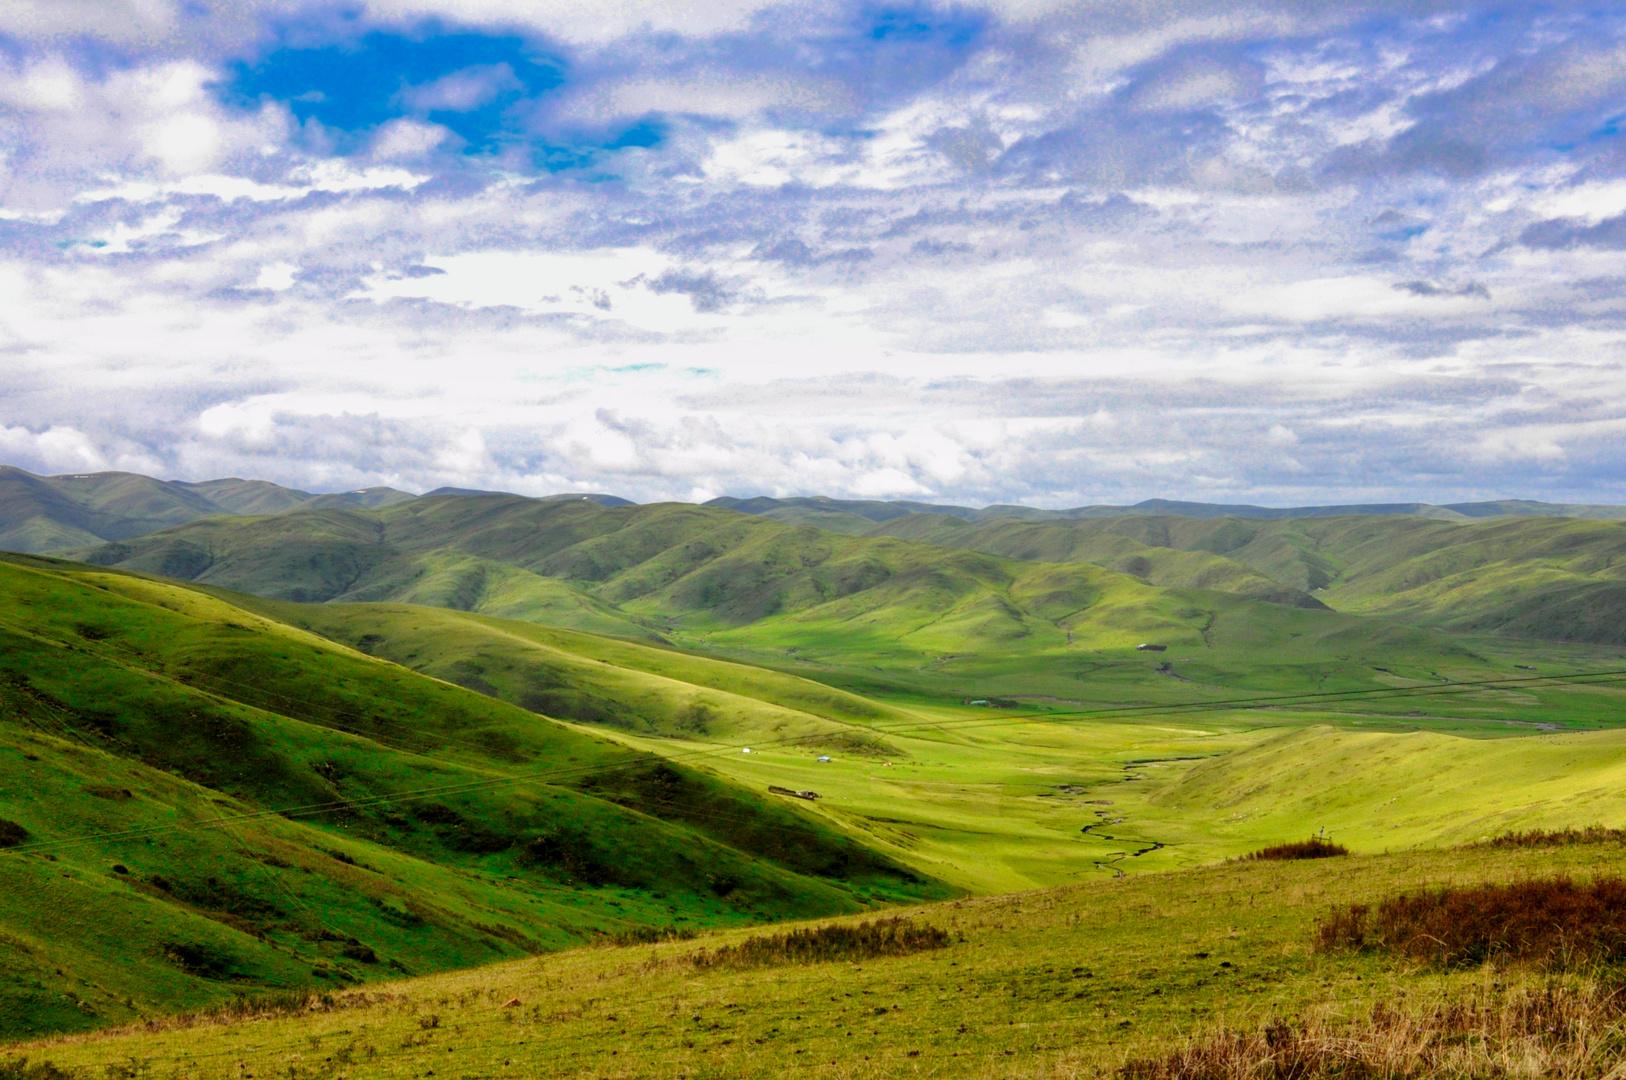 Traumlandschaft Osttibet Sichuan grüne Wiesen blau-weißer Himmel